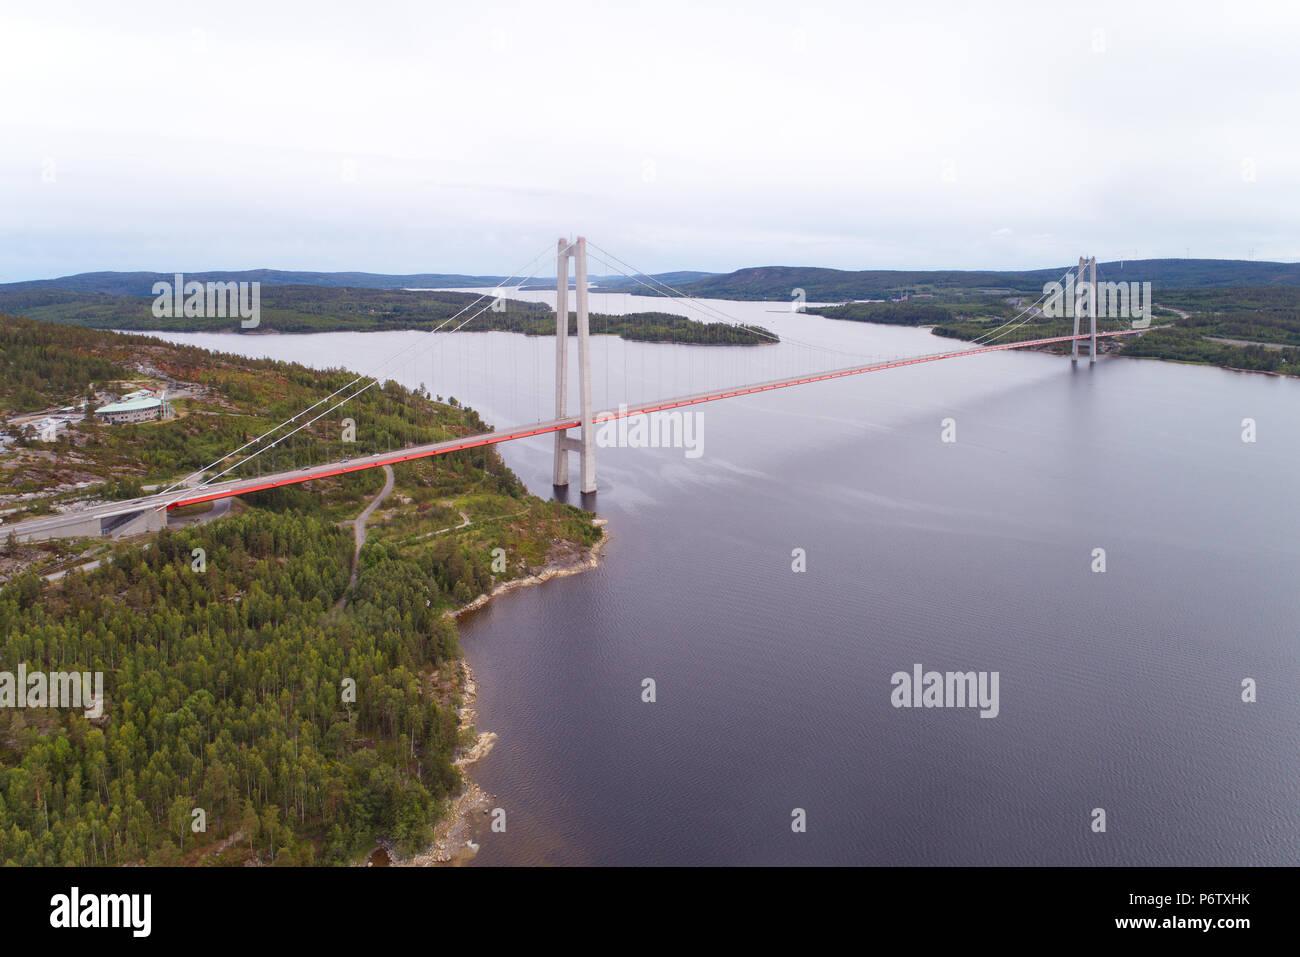 Vue aérienne du Nord de la haute-côte suédoise pont suspendu au-dessus de la rivière. Angermanalven Banque D'Images